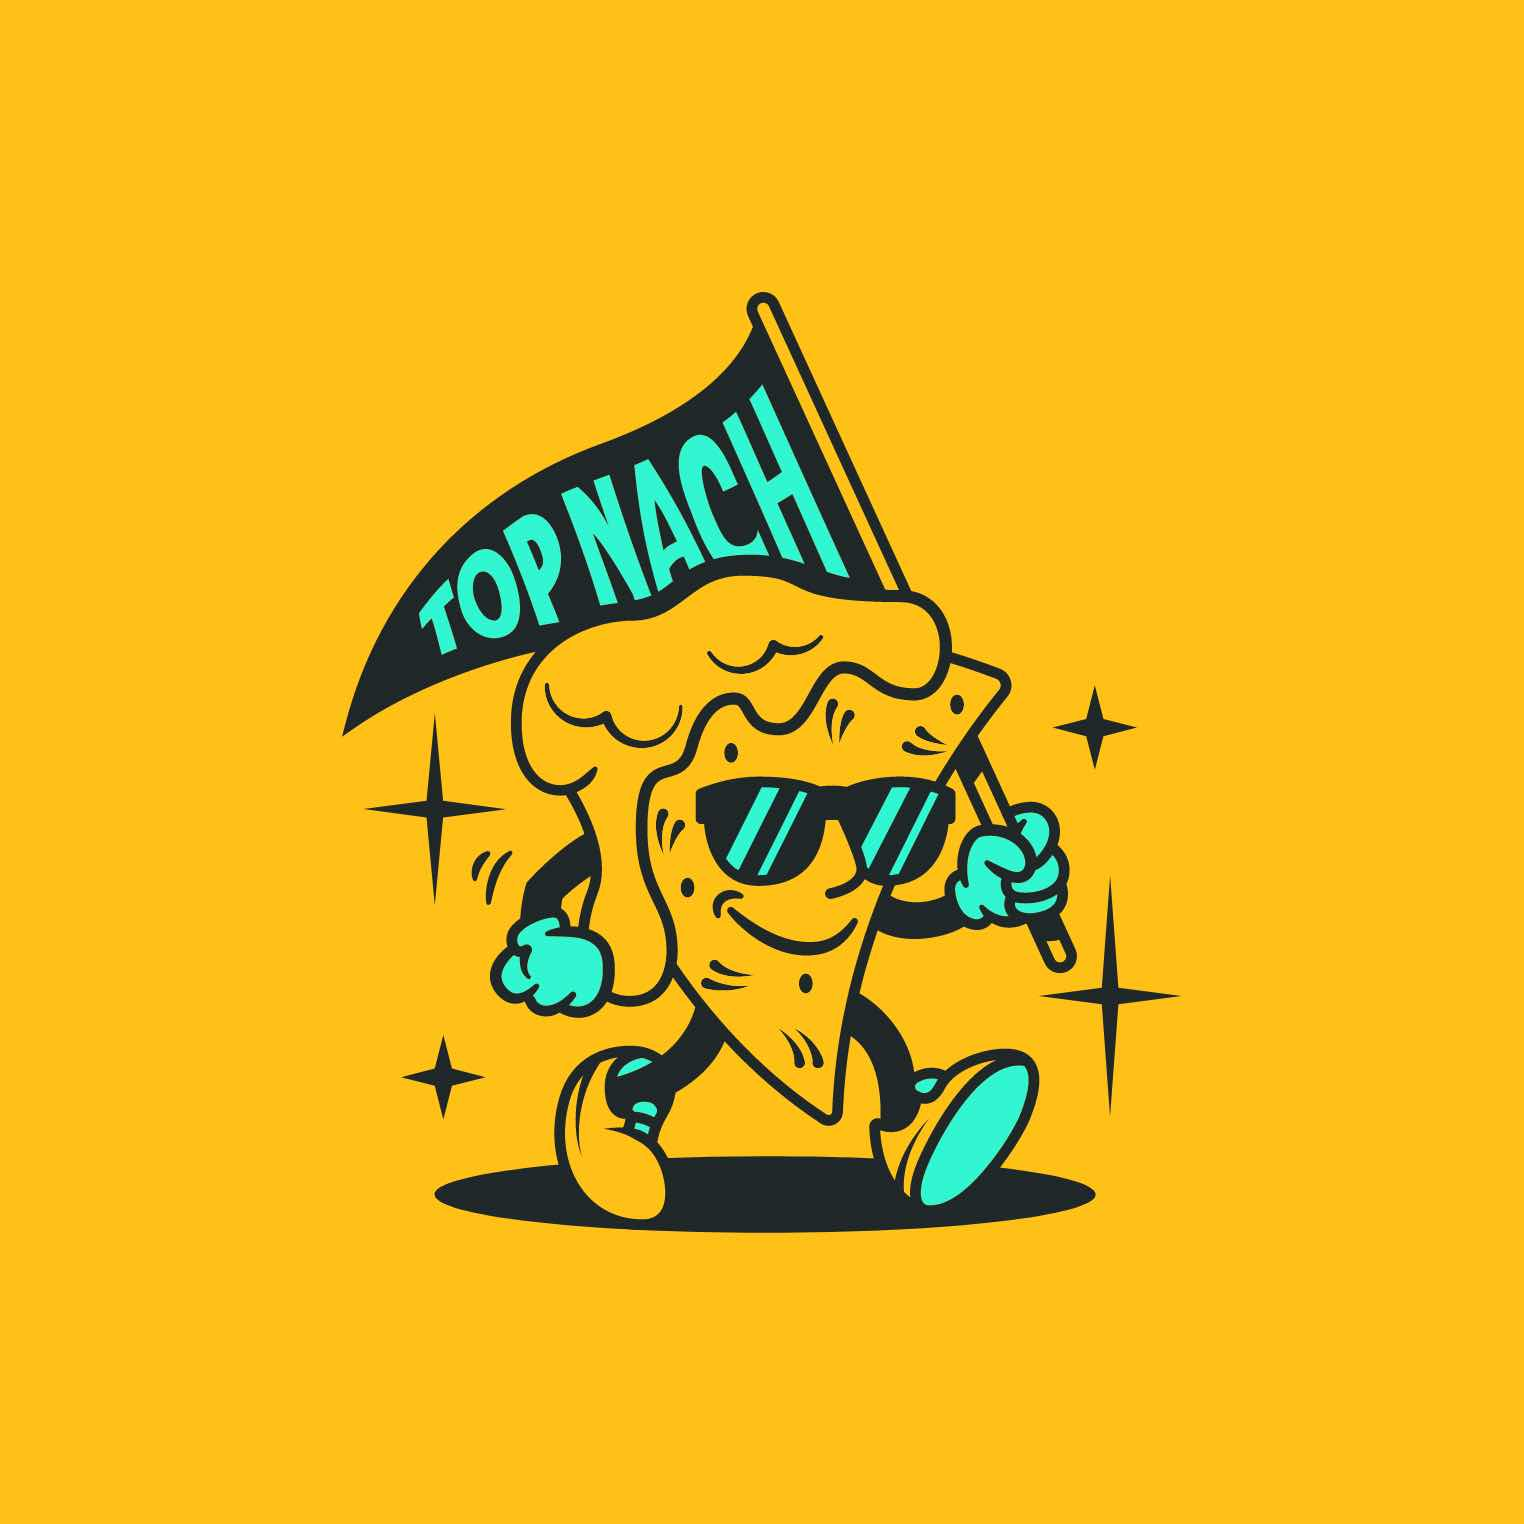 Top Nach mascot